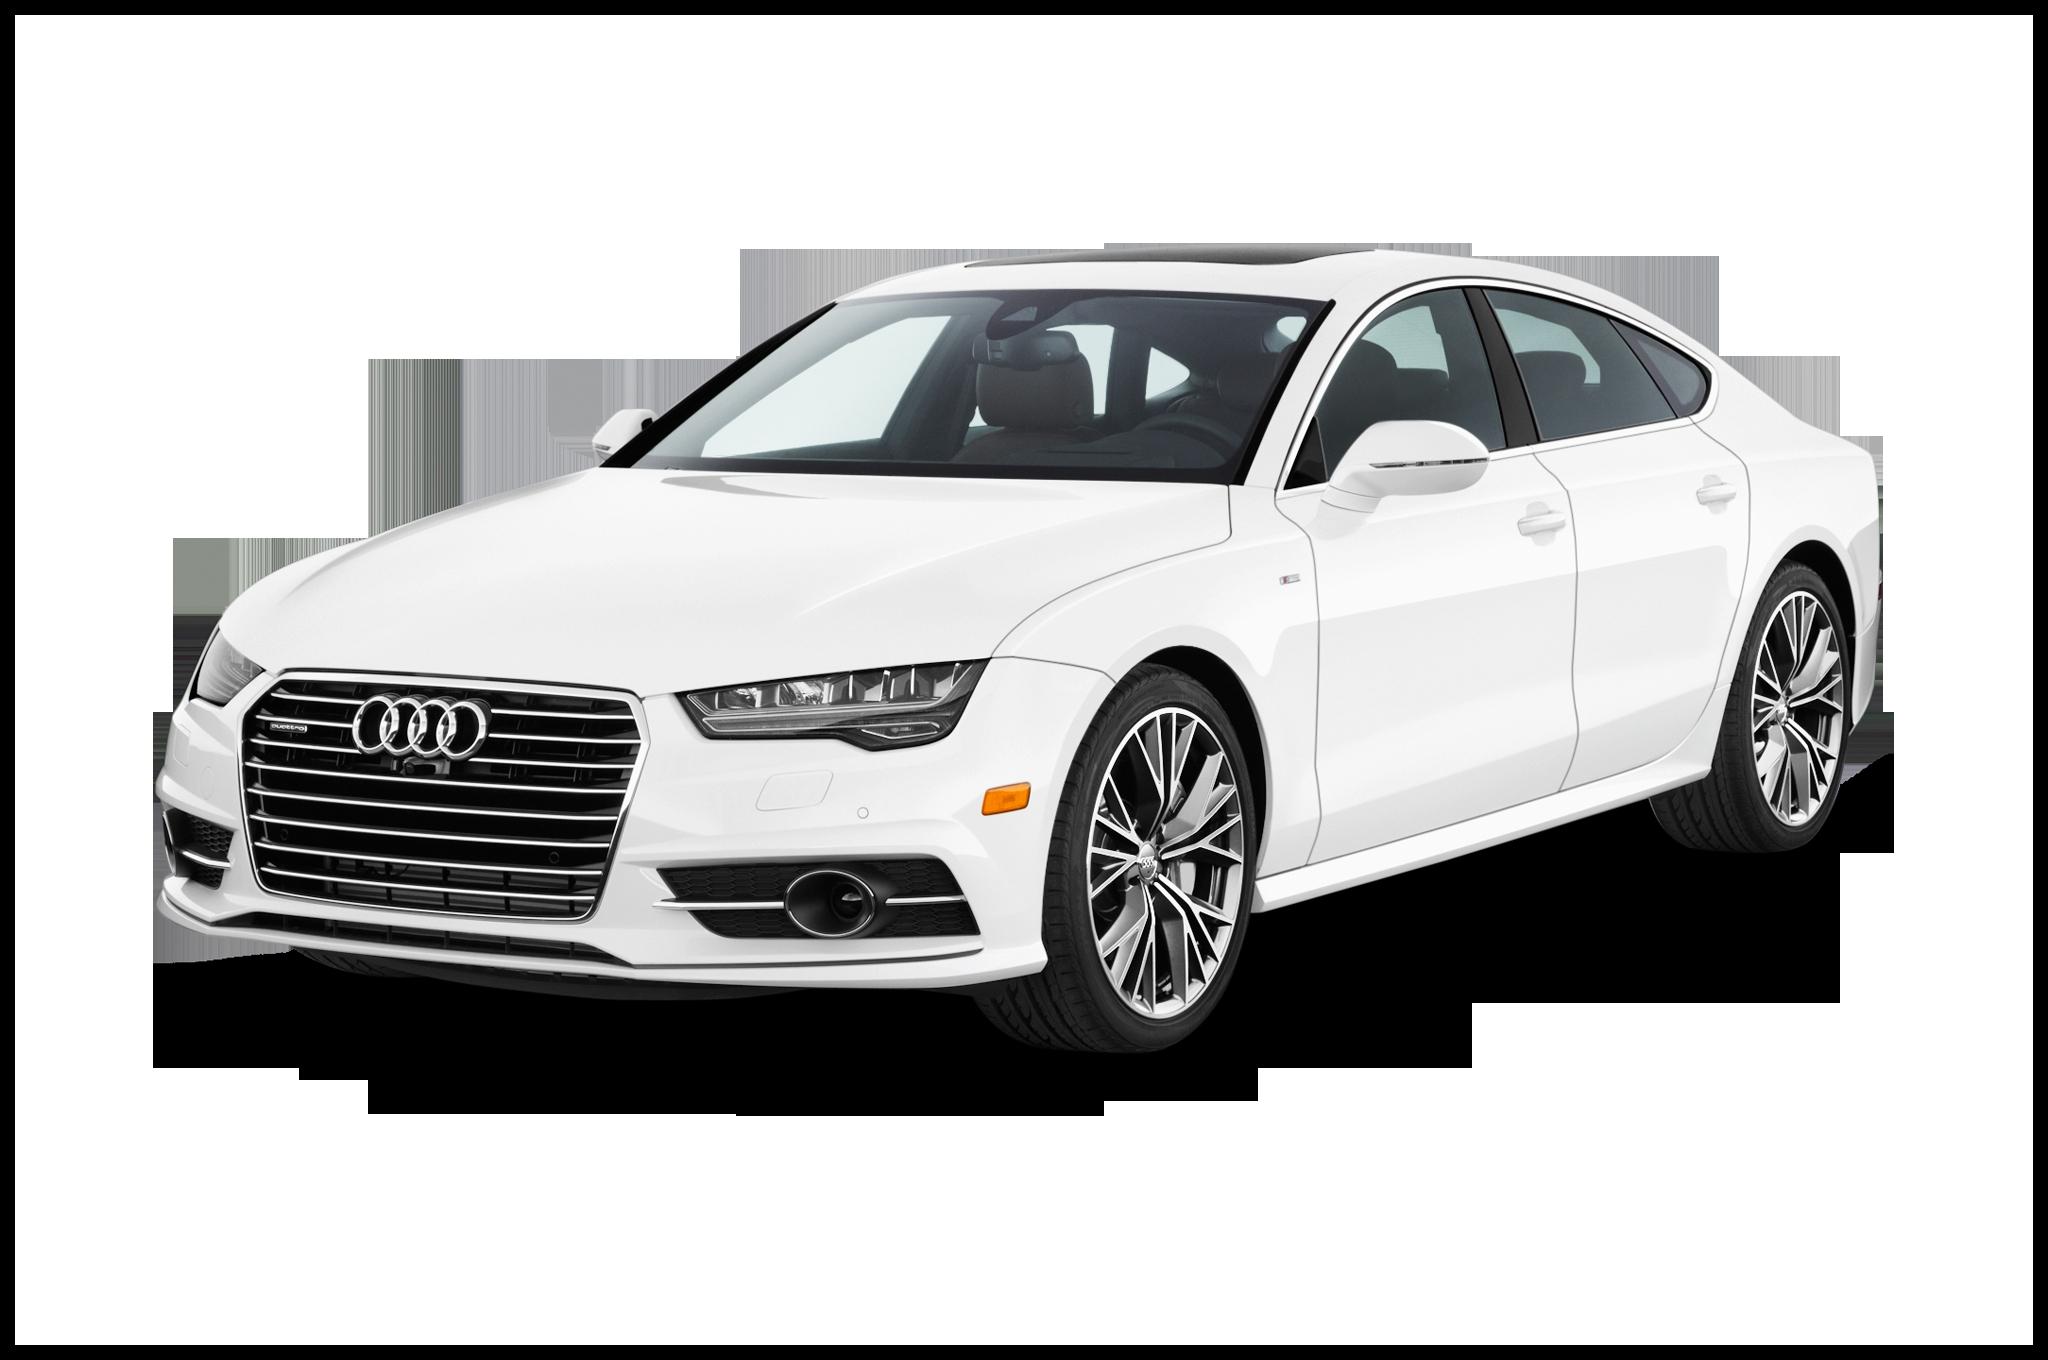 Audi S7 0 60 Elegant 2016 Audi A7 Reviews and Rating